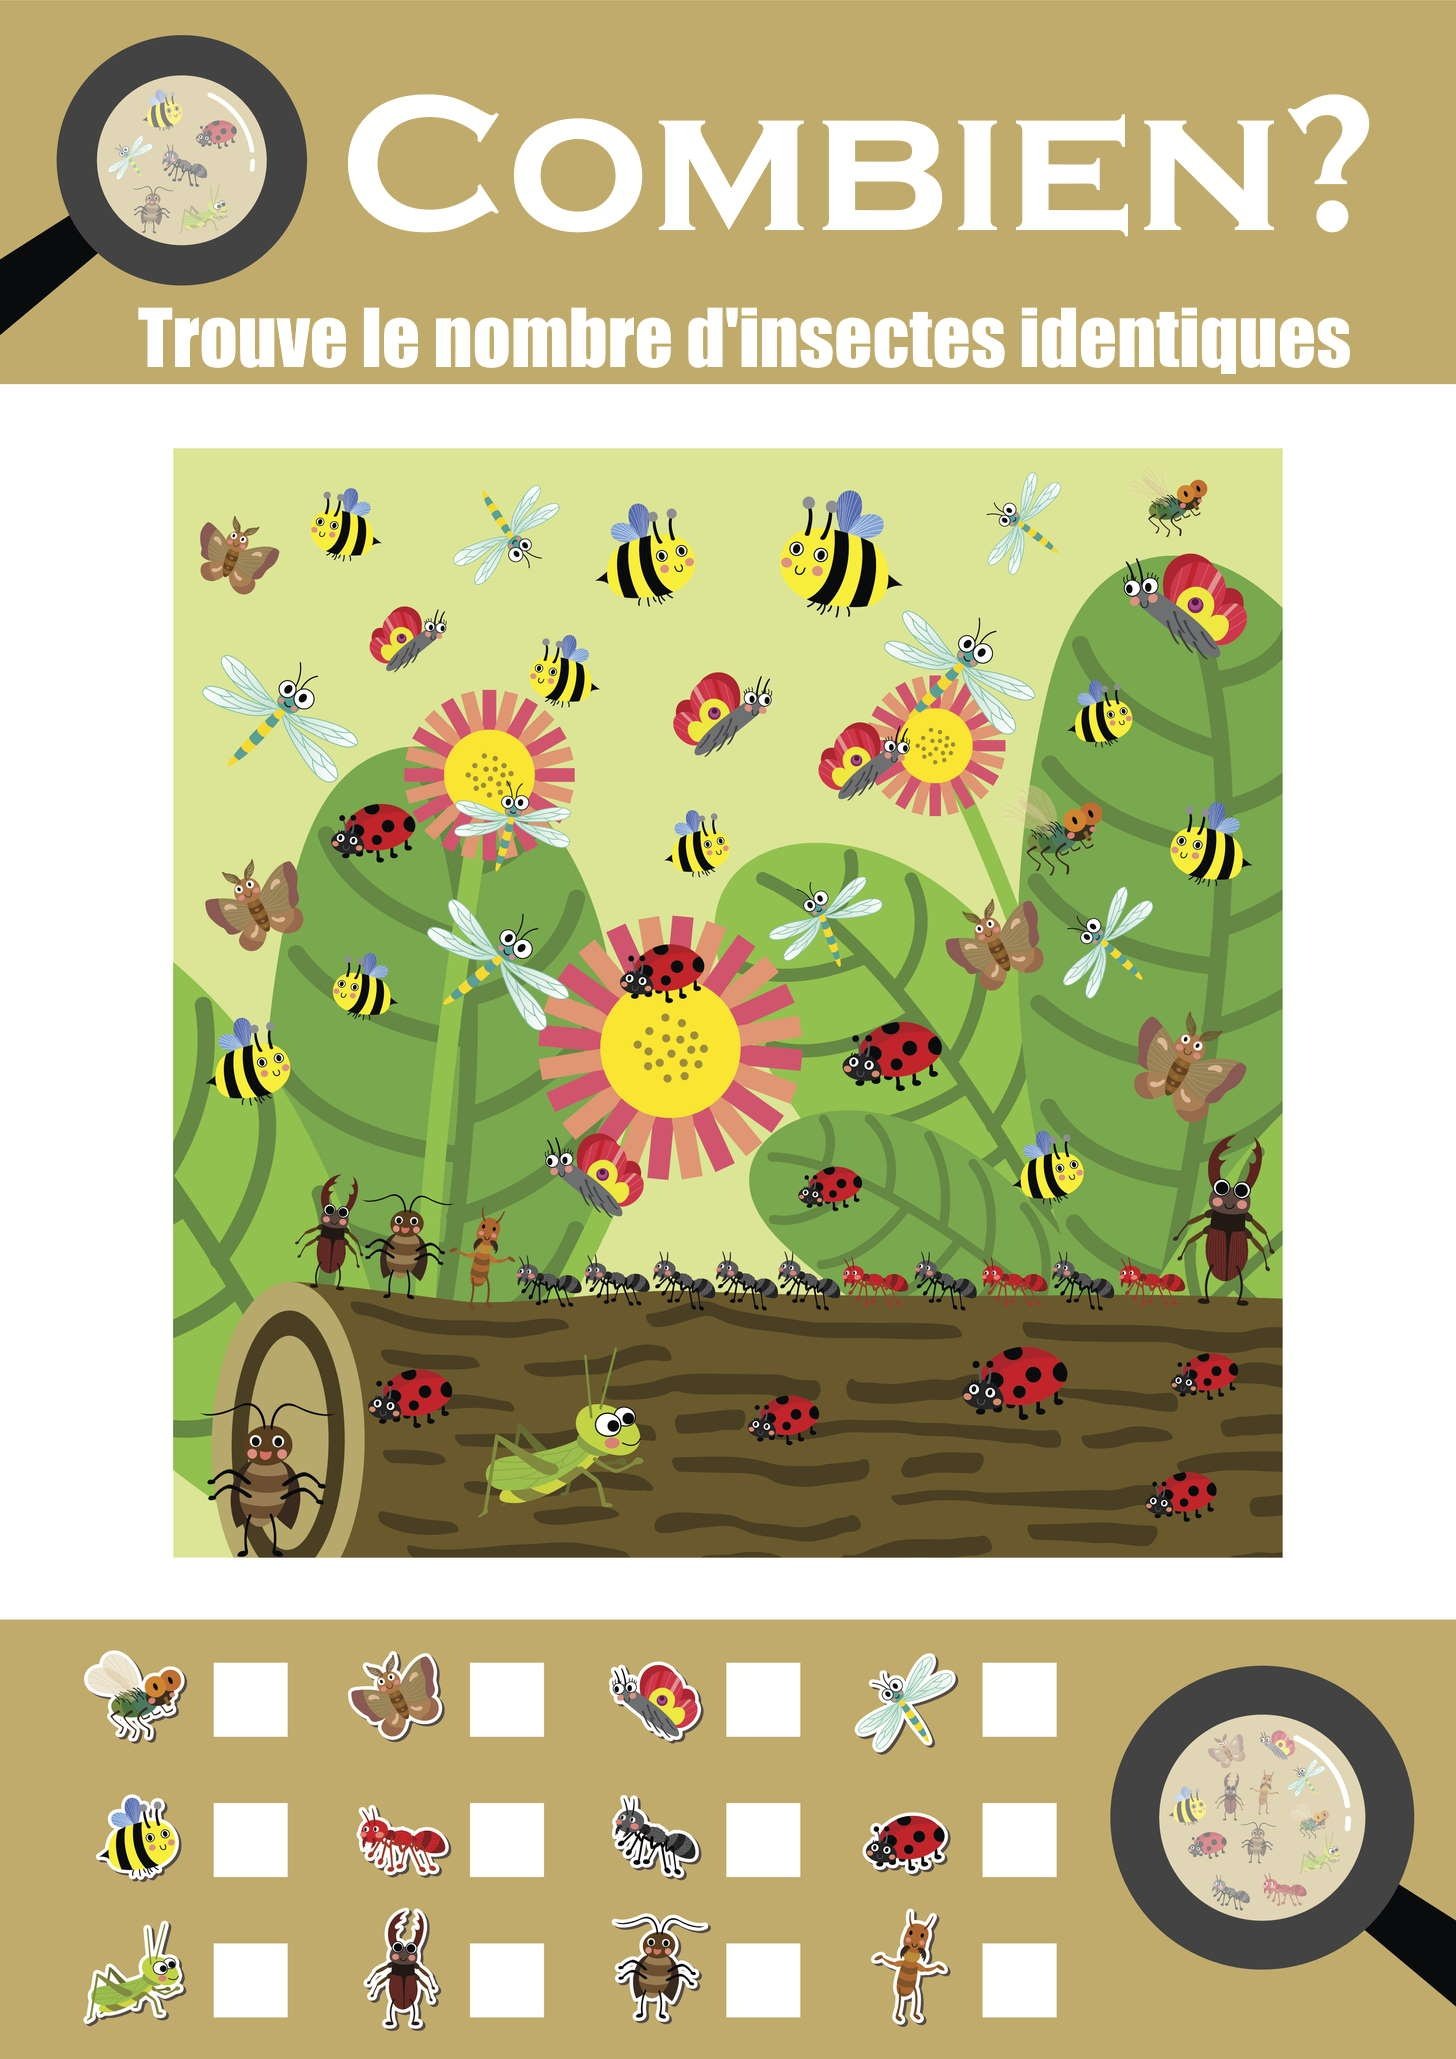 Combien d'insectes?